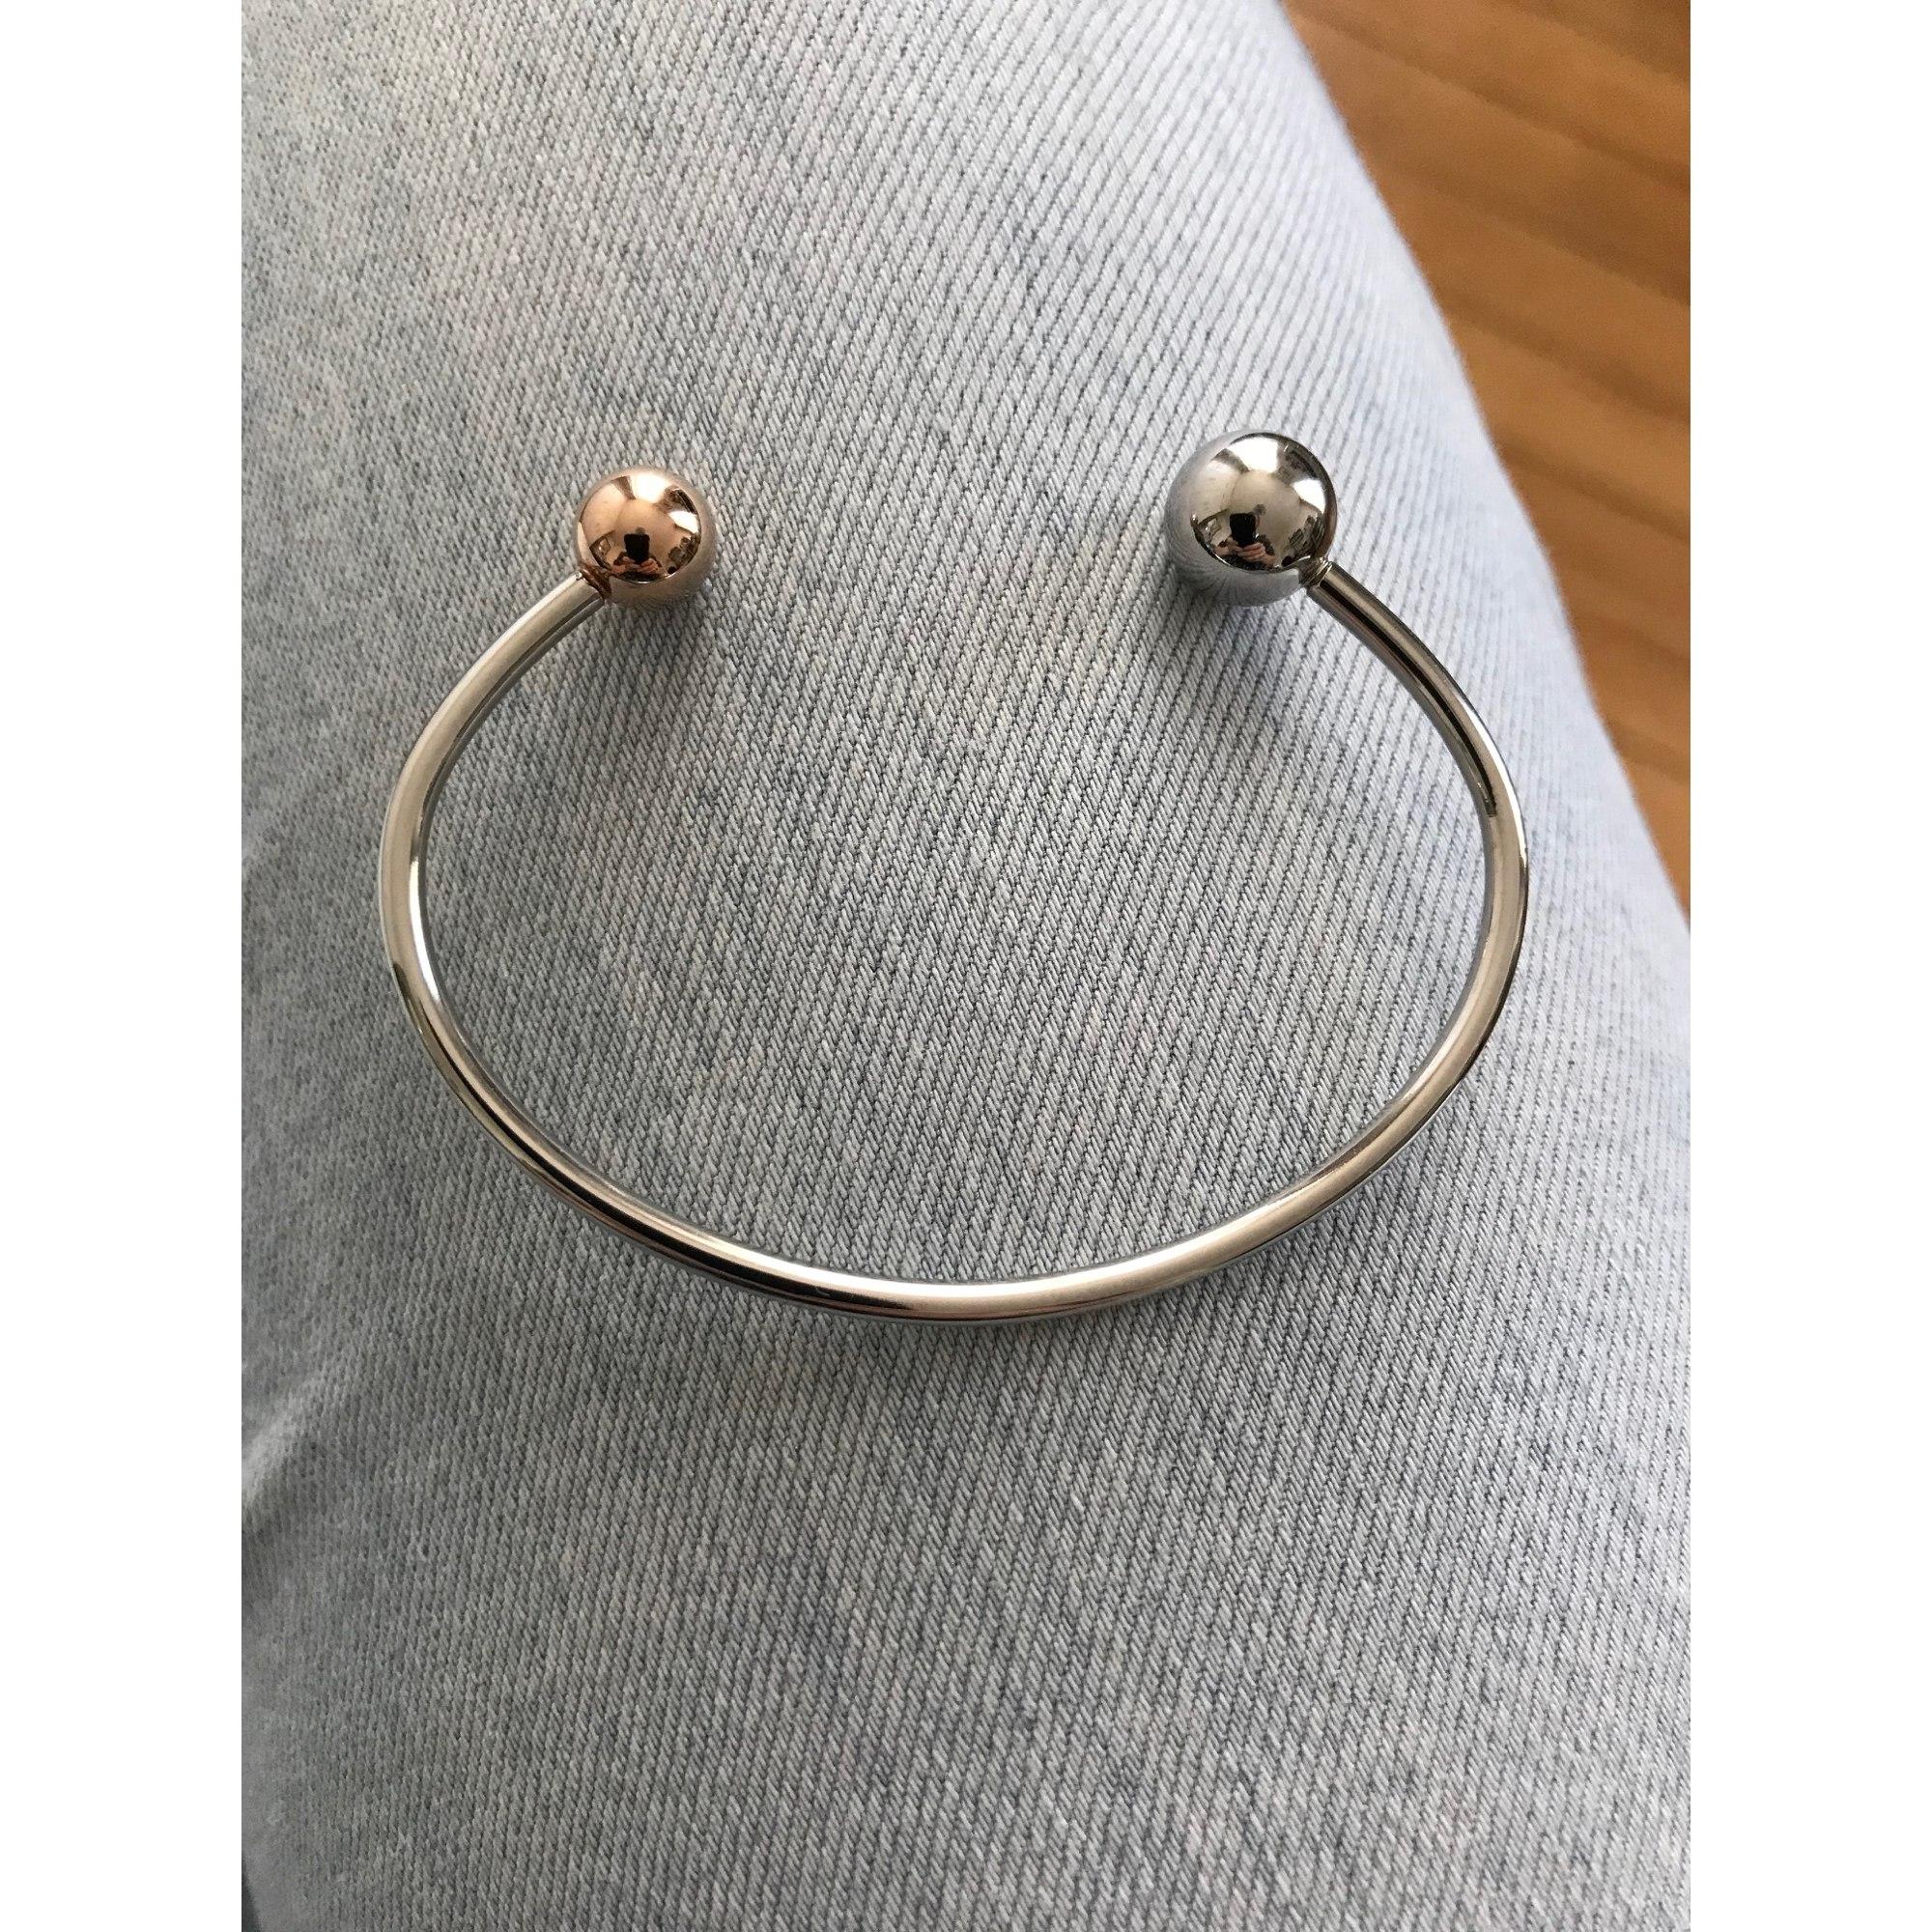 Bracelet AGATHA Argenté, acier